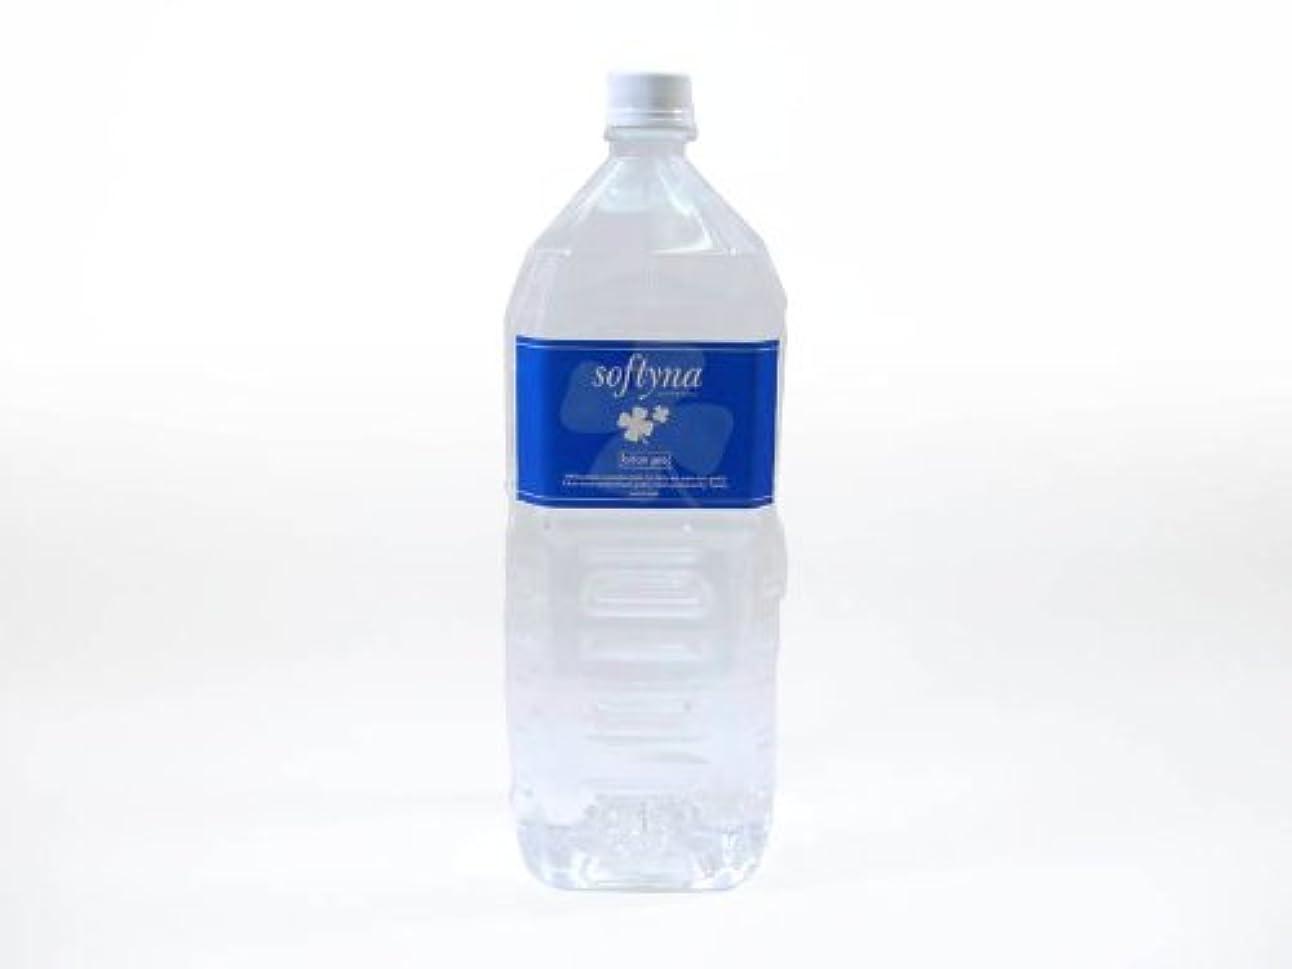 白菜ナチュラシミュレートする業務用 ソフティナローション 2L 潤滑剤